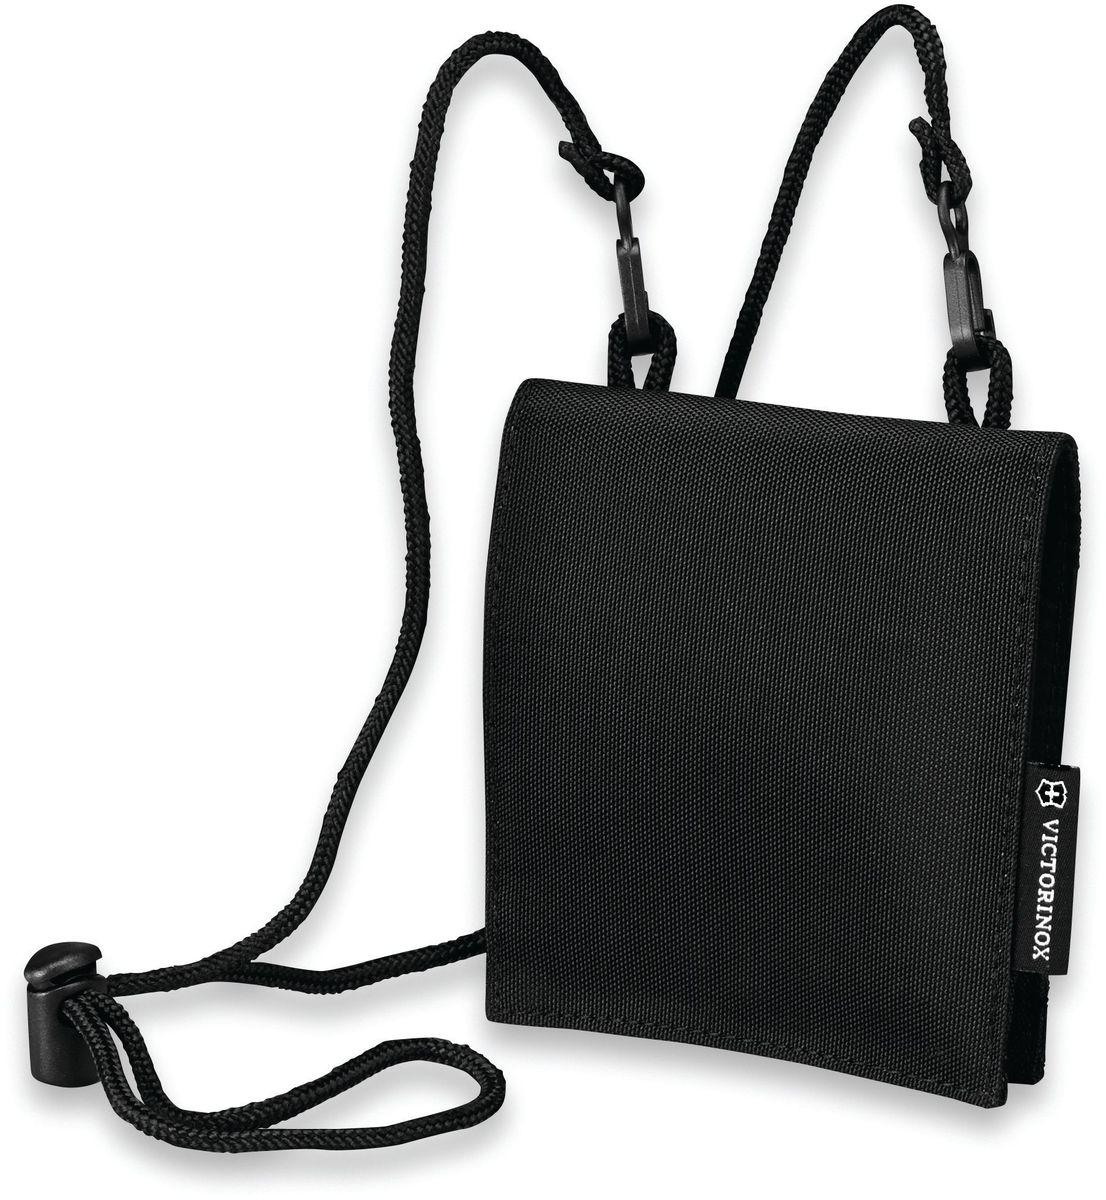 Кошелек на шею Victorinox Convertible Travel Wallet, цвет: черный. 31172001BM8434-58AEКошелек на шею Victorinox Convertible Travel Wallet выполнен из высококачественного нейлона и оформлен фирменной нашивкой. Изделие имеет мягкий регулируемый шнурок и закрывается с помощью клапана. Внутри расположено отделение, которое содержит специальные отделения для пластиковых карт и карманы на молниях.